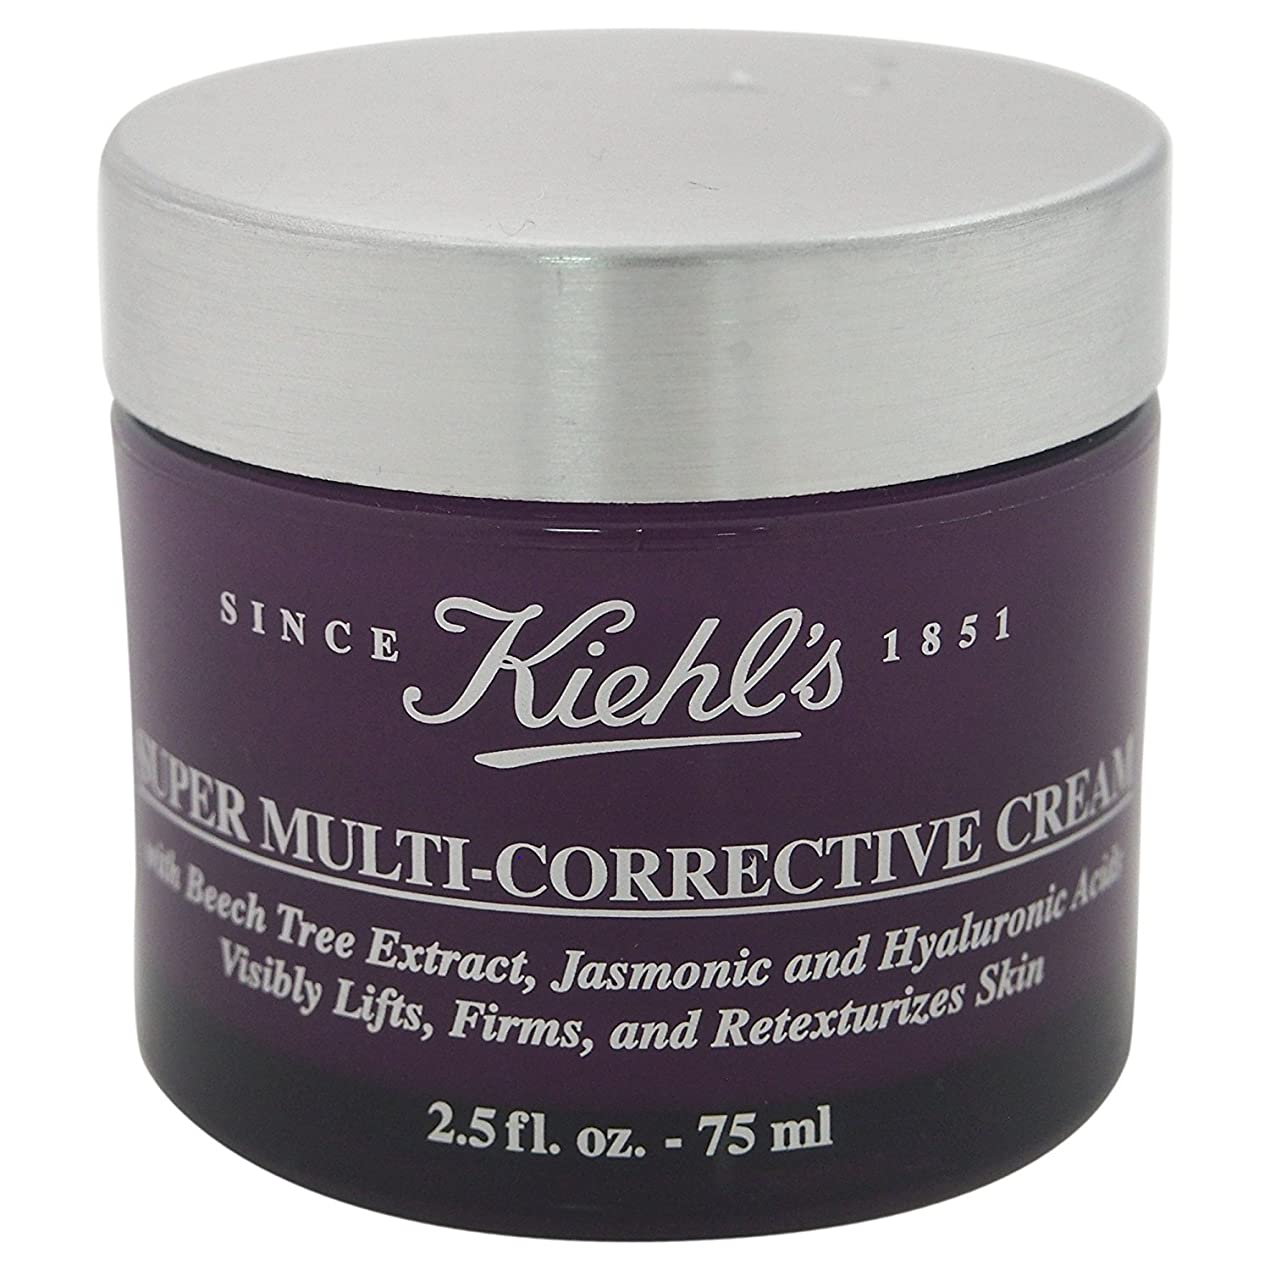 調査照らす虐殺キールズ(Kiehl's) スーパー マルチ コレクティブ クリーム 75ml[並行輸入品]